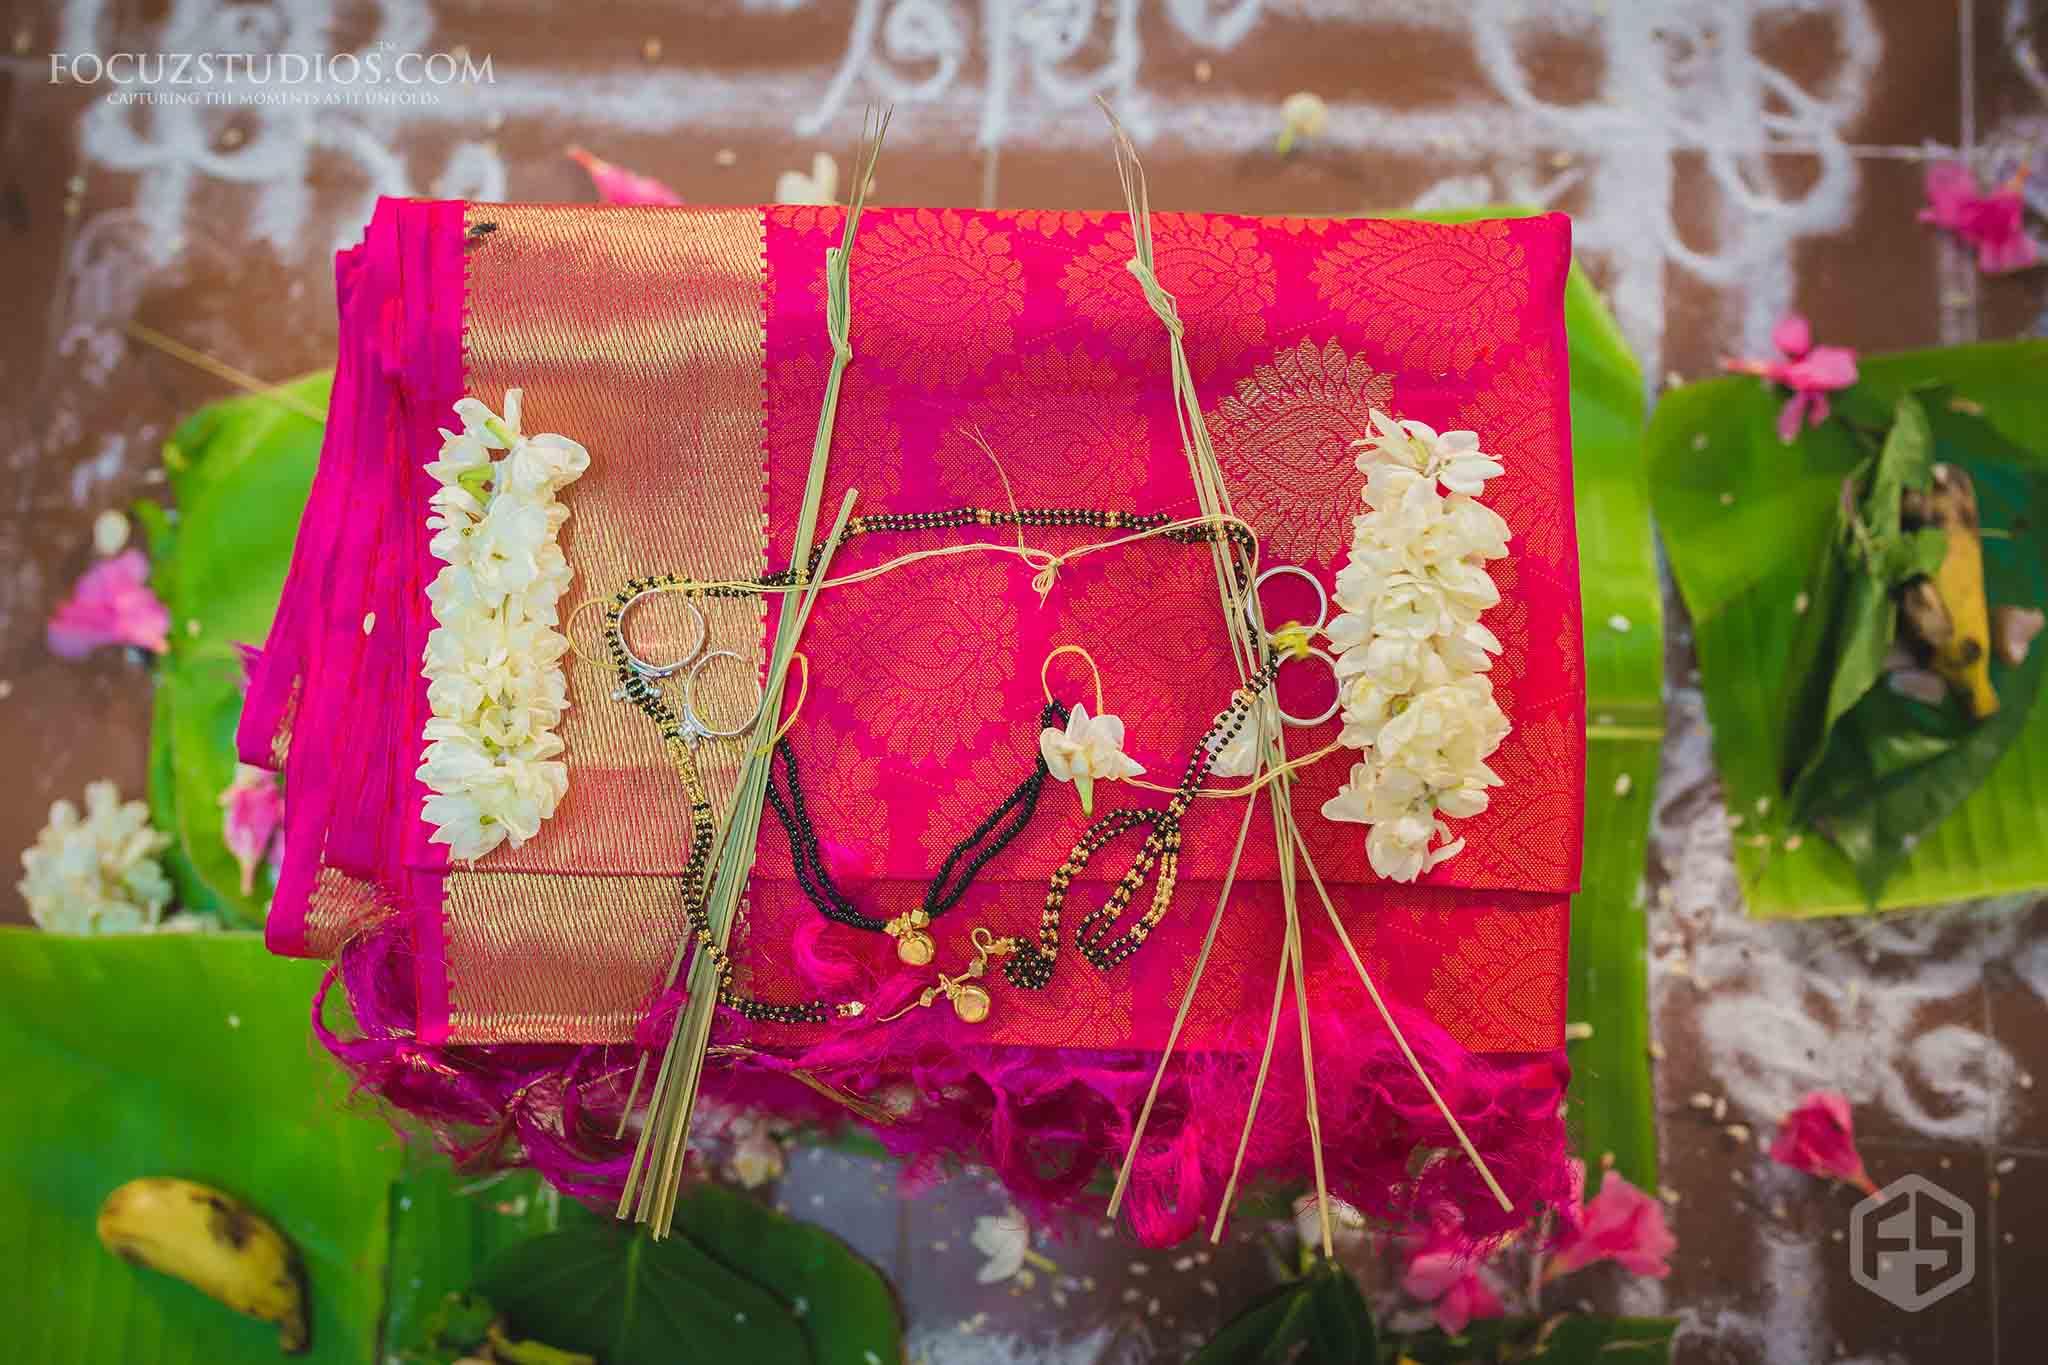 udupi-brahmins-wedding-photography-kerala-16